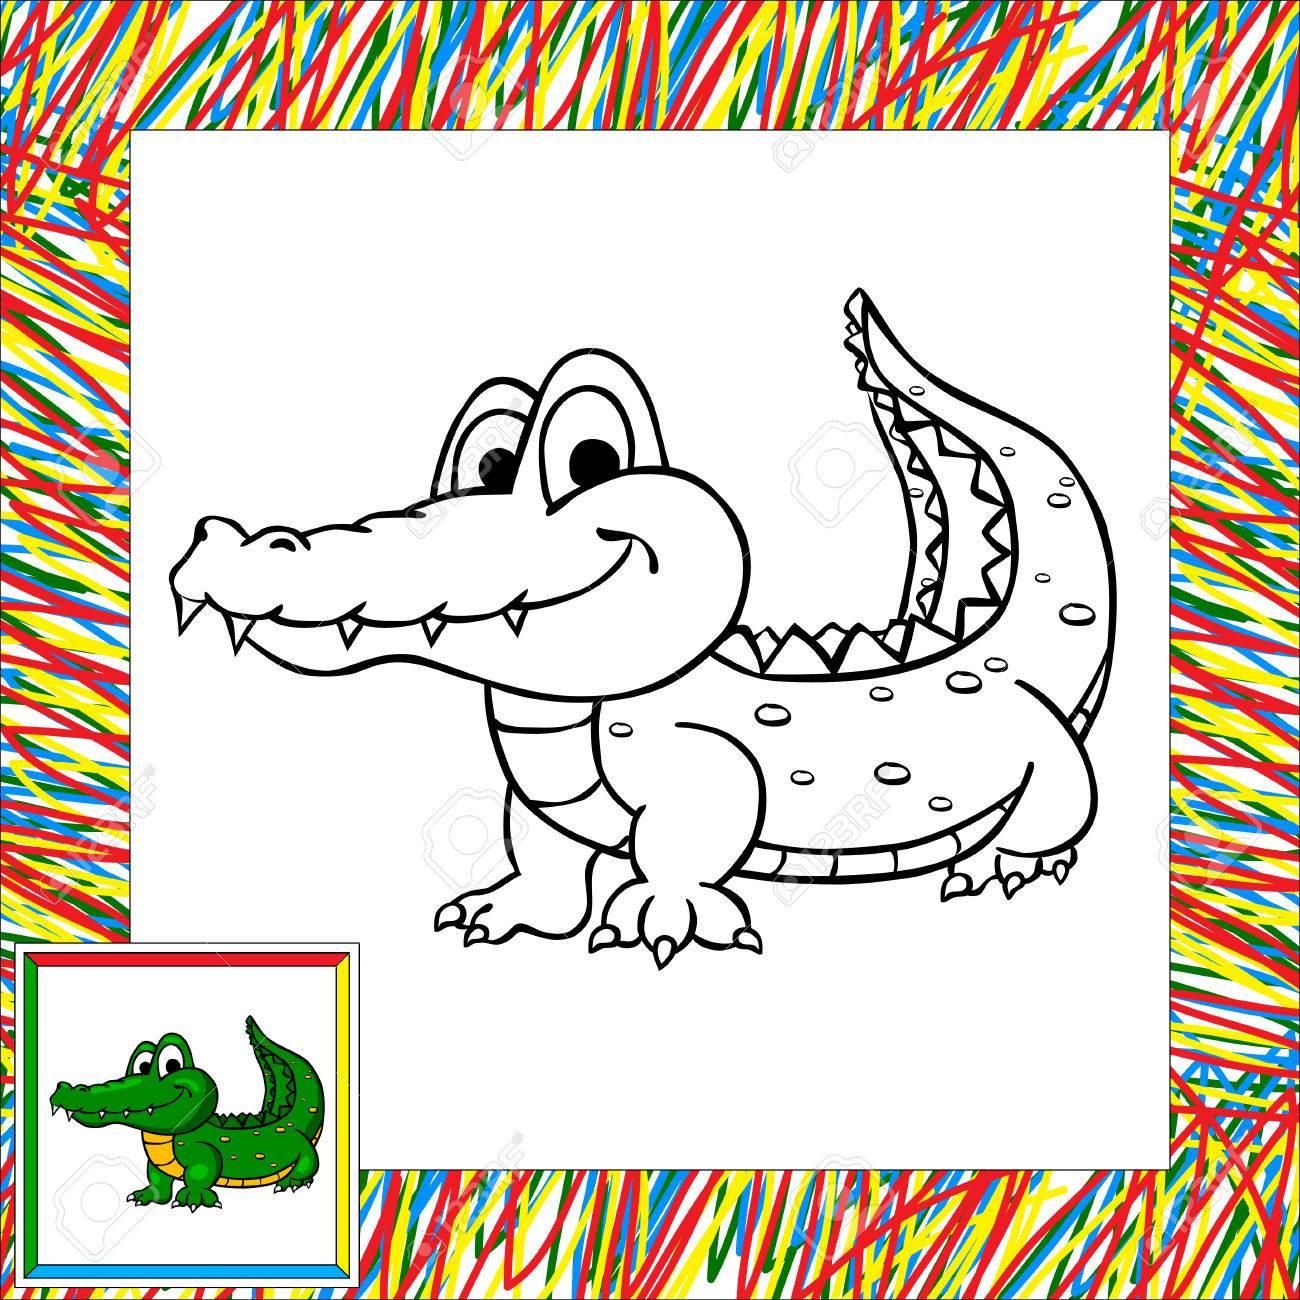 Divertidos Dibujos Animados De Libro Para Colorear Cocodrilo ...